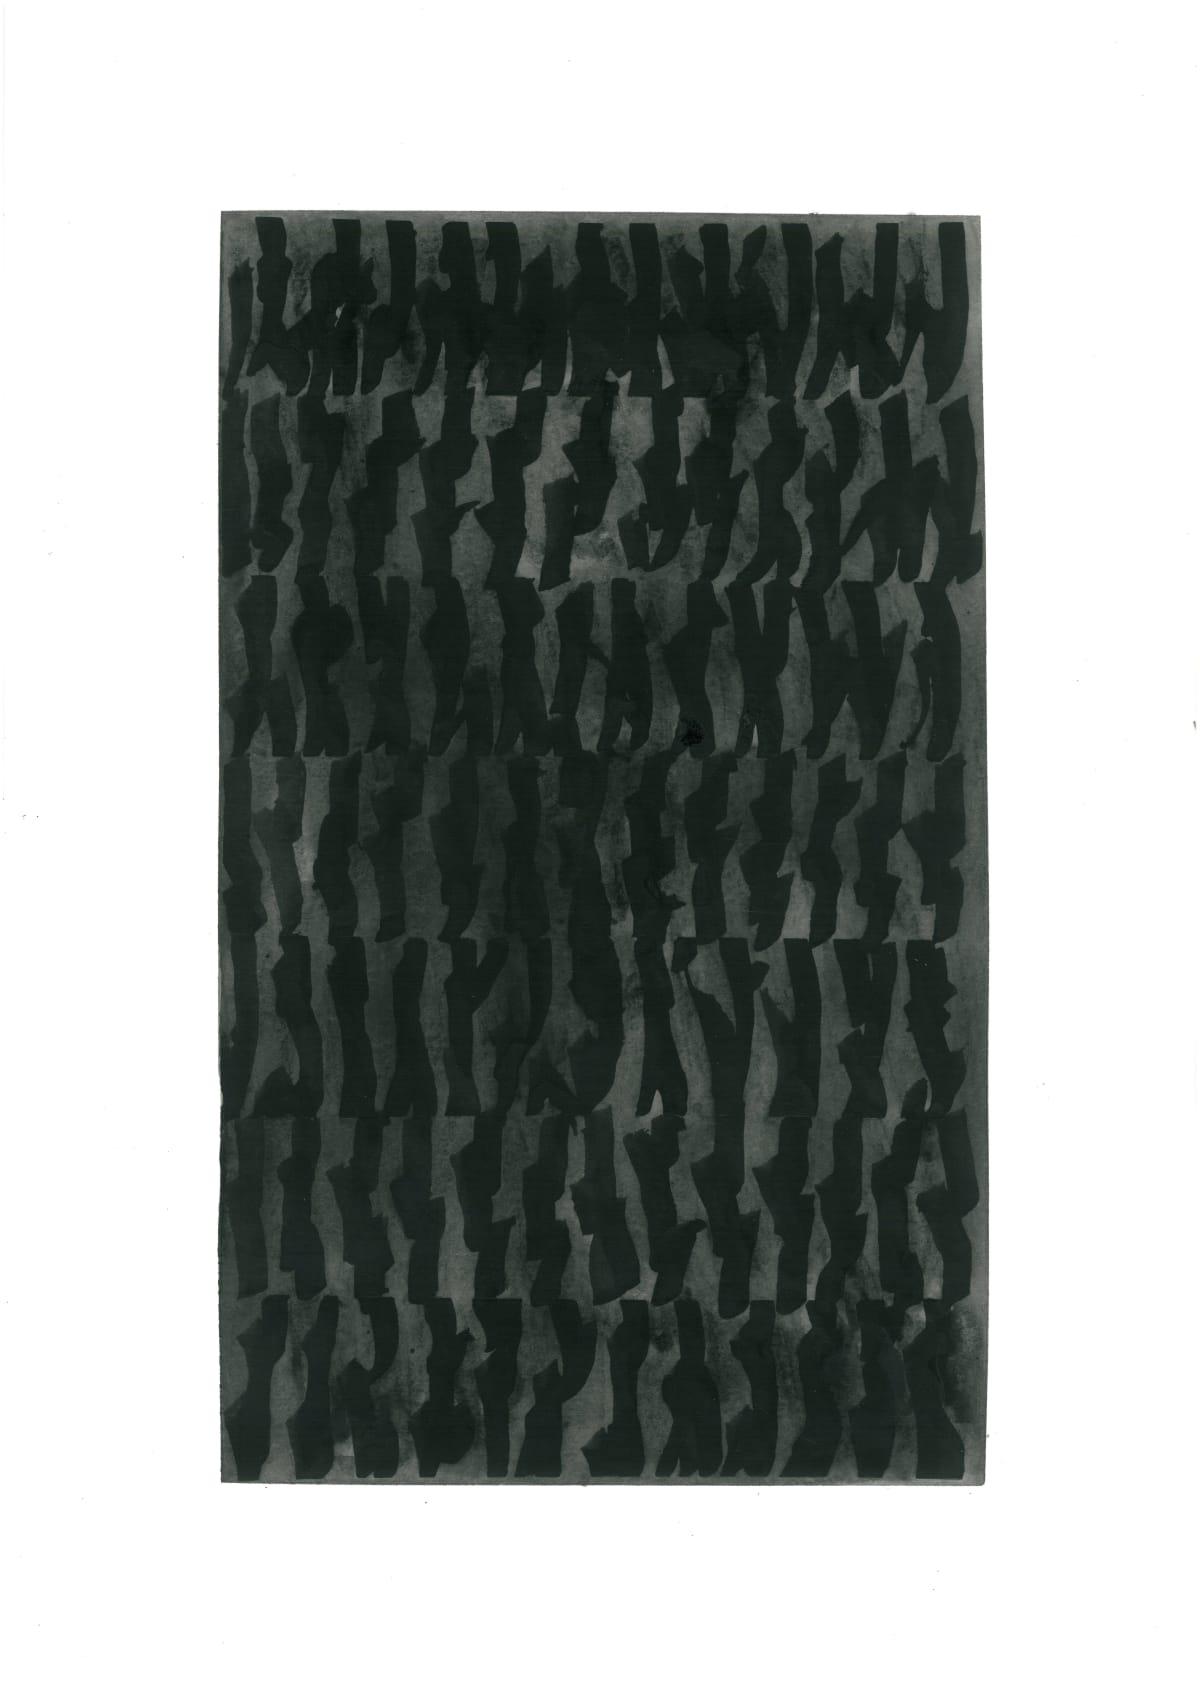 Mohammad Ali Talpur Untitled (Alif Series, 11), 2020 Ink on paper 42 x 29 cm 16 1/2 x 11 7/16 in